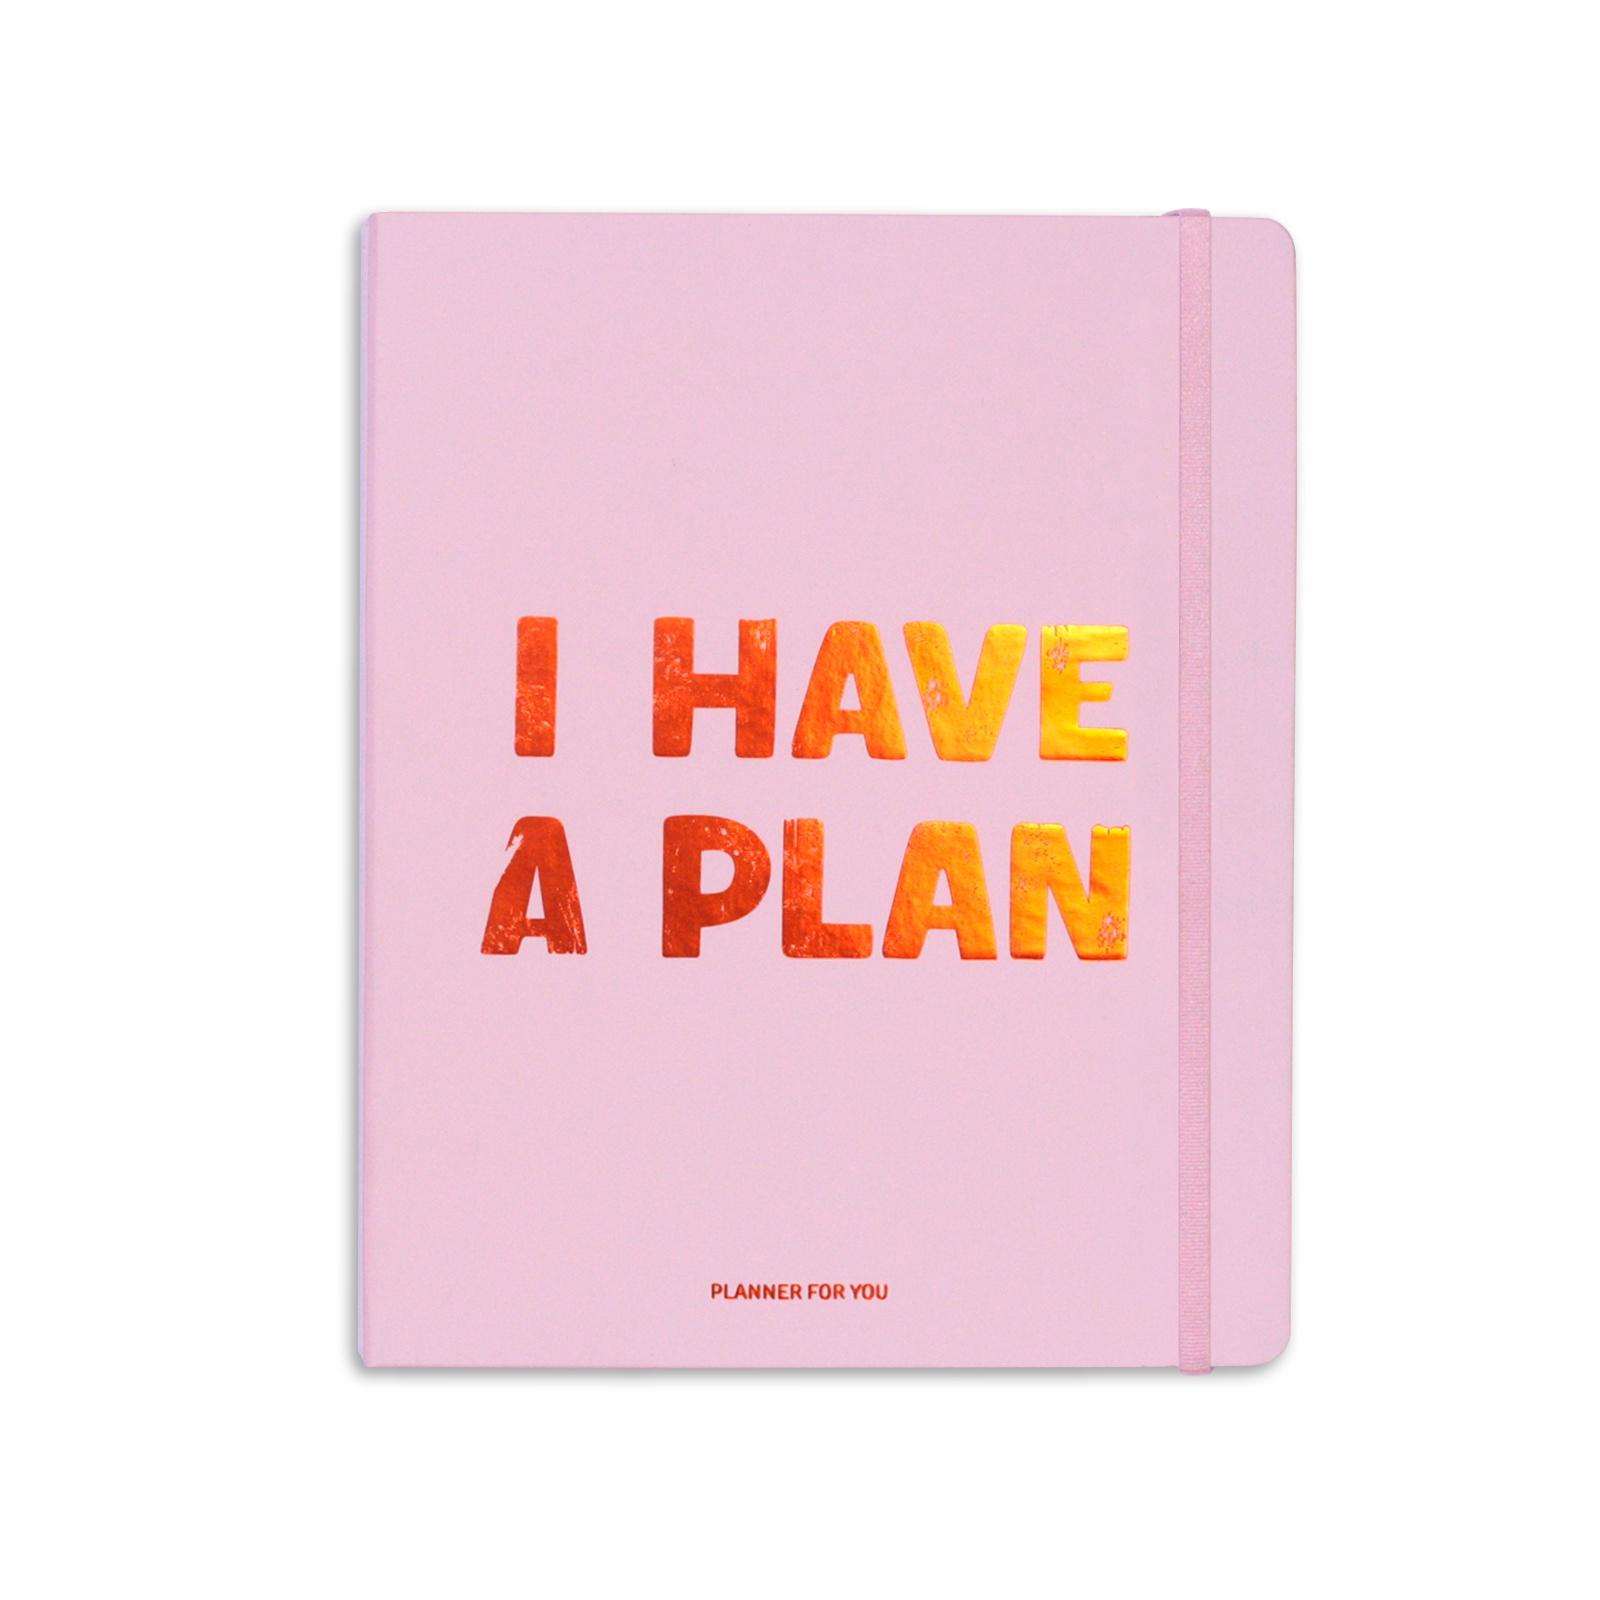 Планнер Orner I HAVE A PLAN PINK, 128